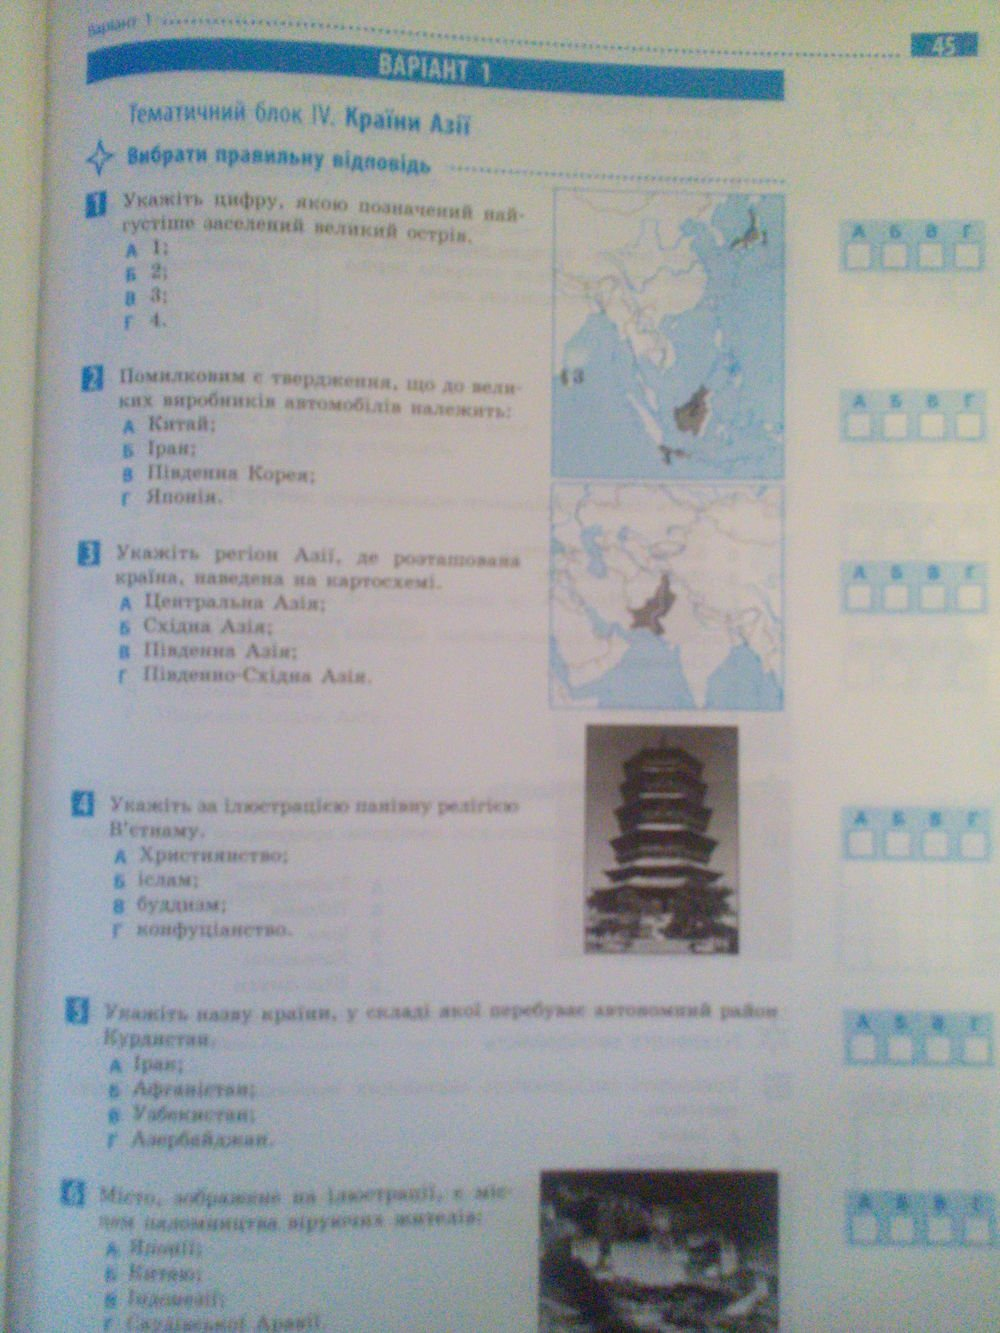 Гдз география 10 класс практичний зошит